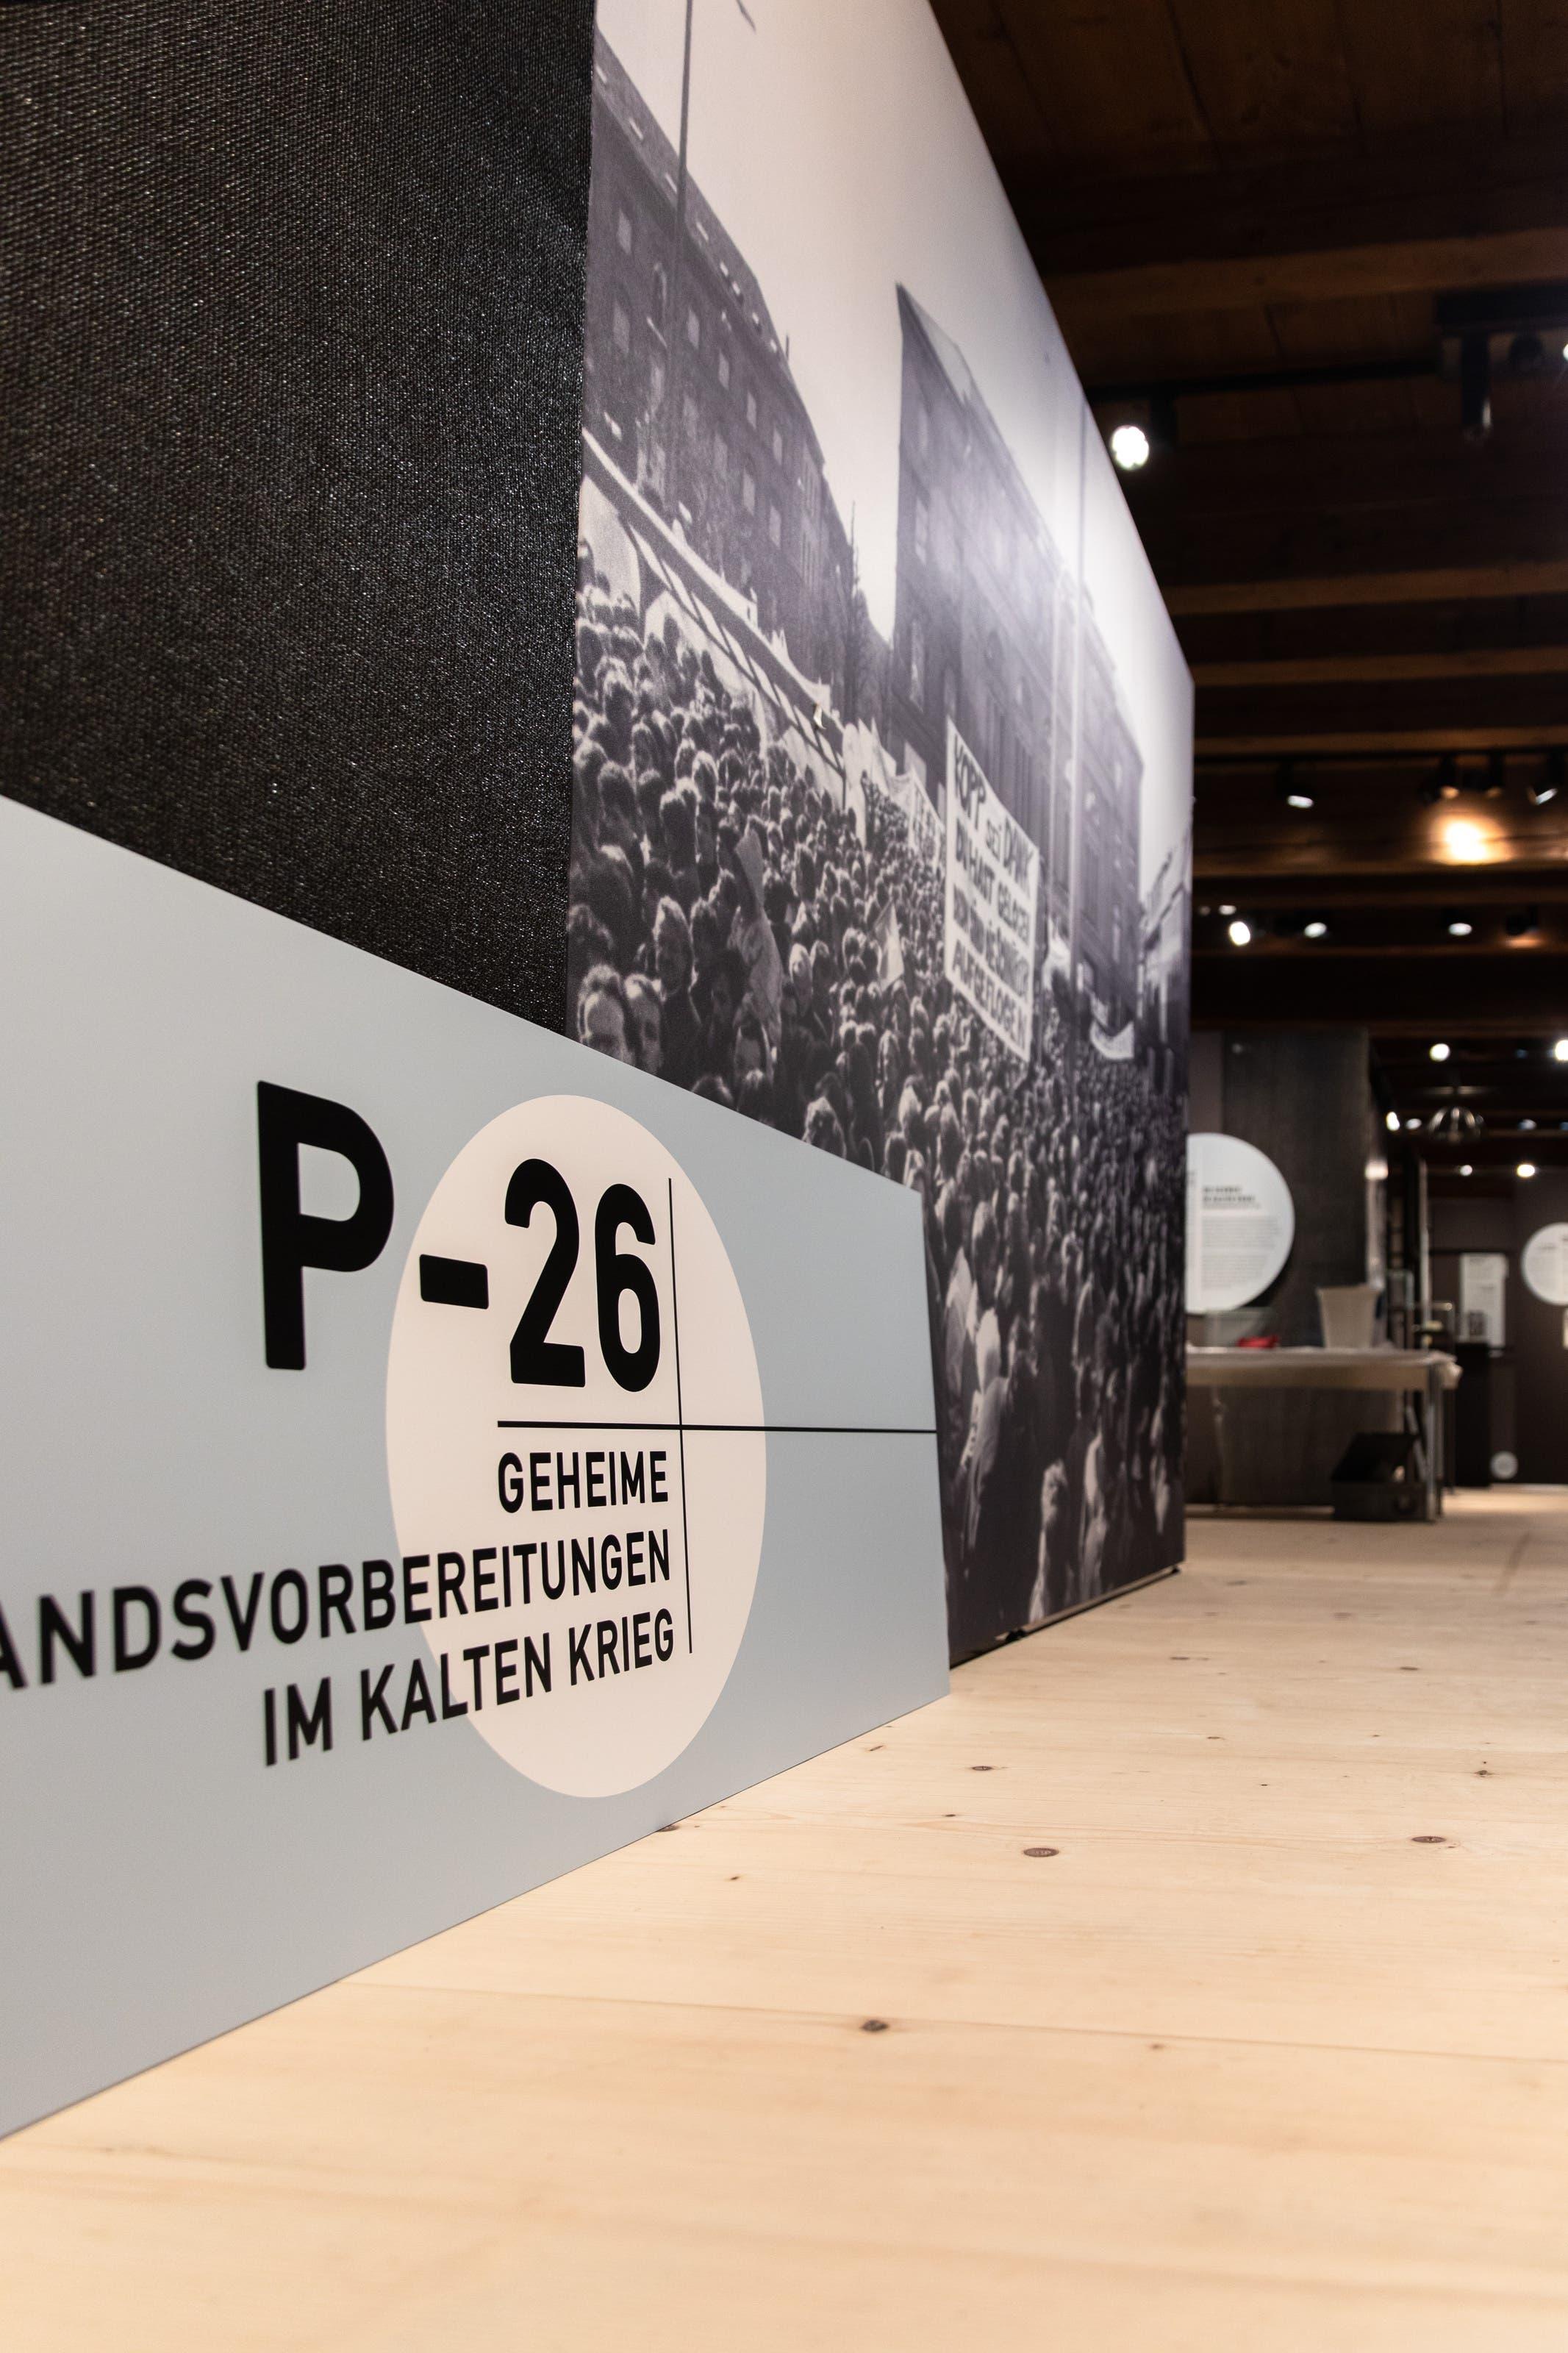 Die neue Sonderausstellung «P-26 - Geheime Widerstandsvorbereitungen im Kalten Krieg» im Museum Altes Zeughaus zeigt ein Kapitel der jüngsten Vergangenheit der Schweiz.